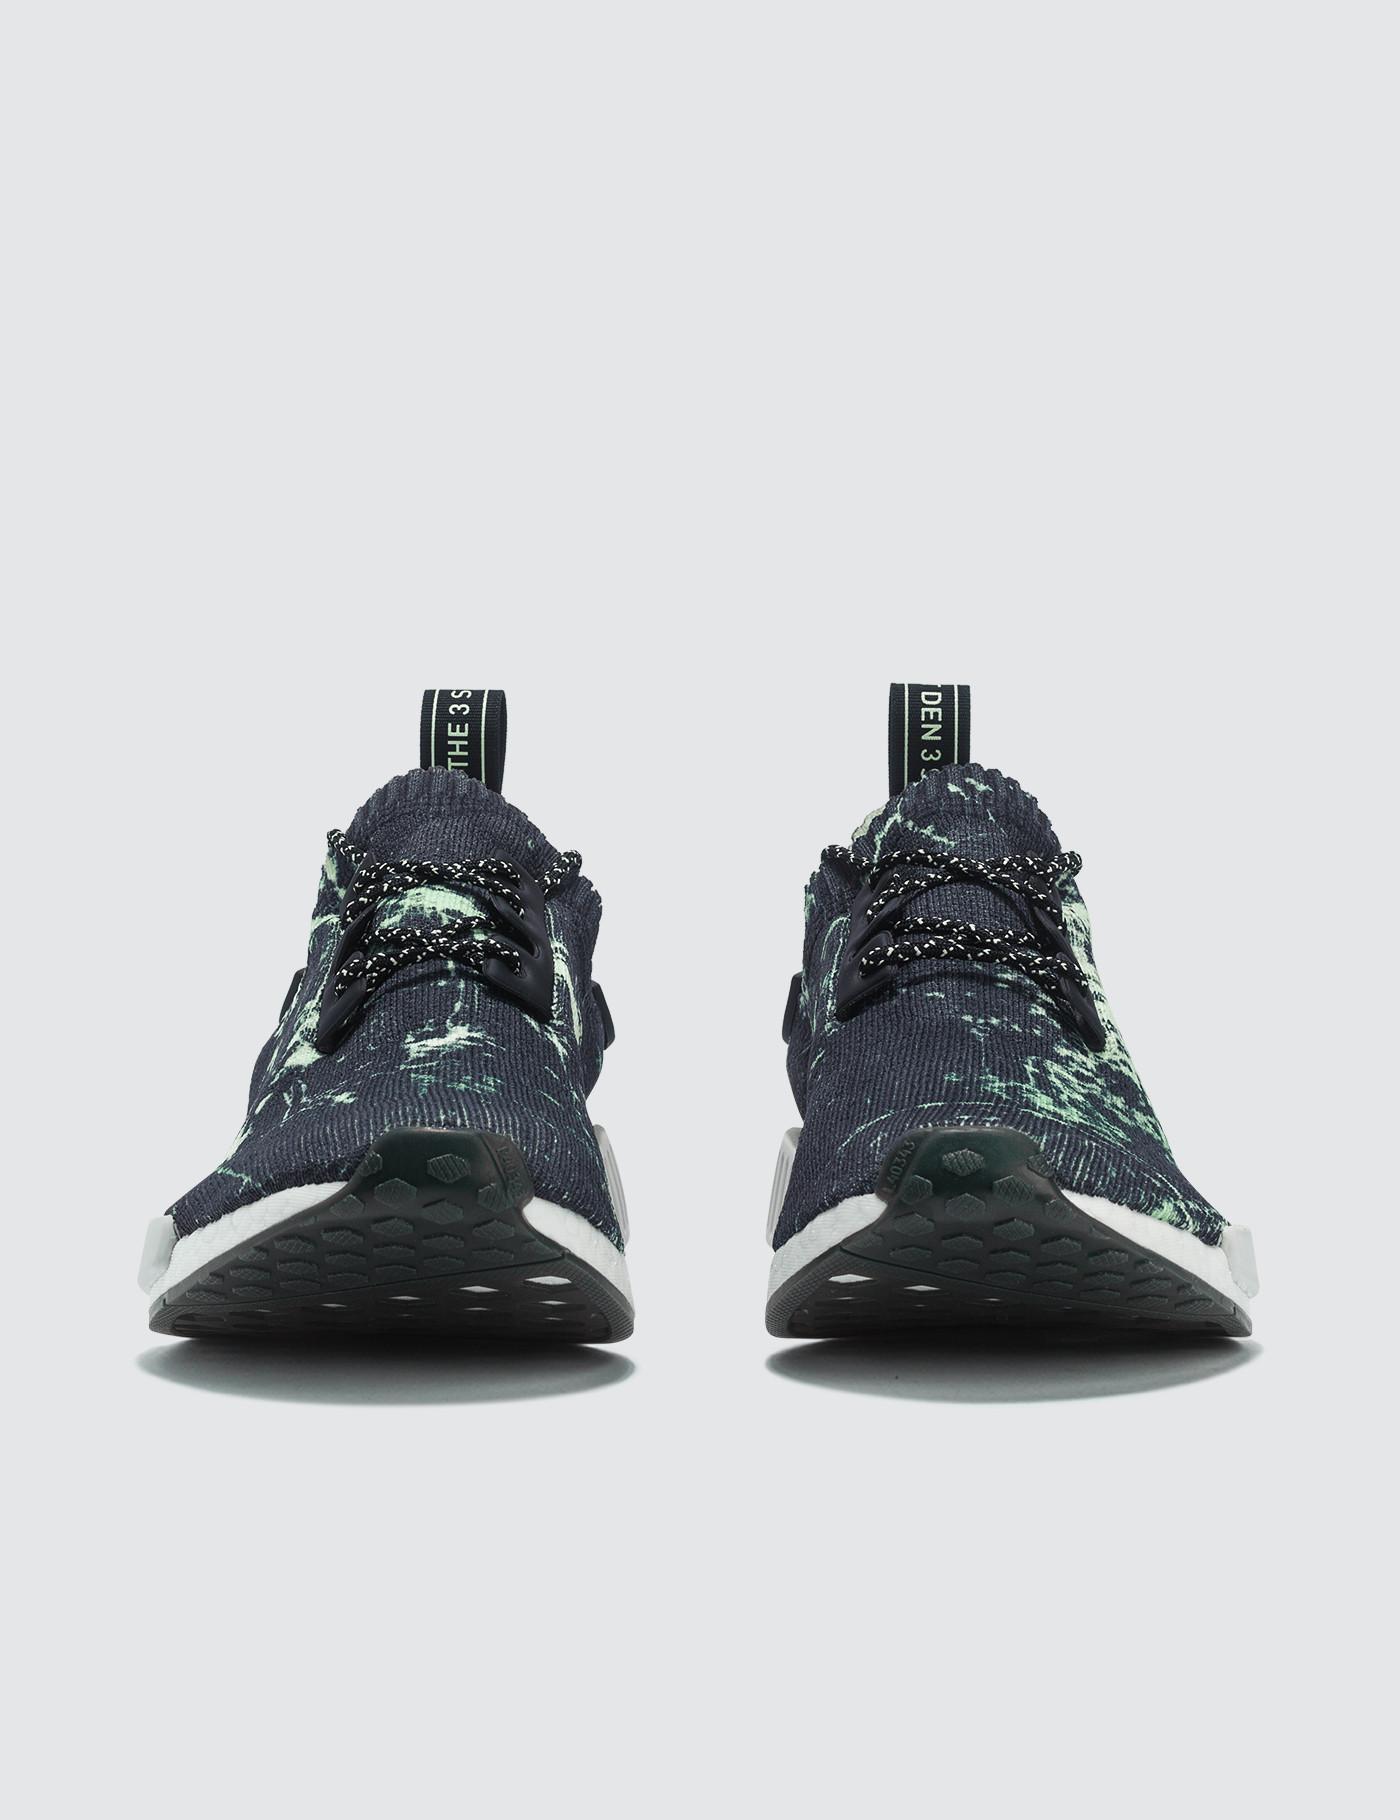 799f4dedc3393d Lyst - Adidas Originals Nmd R1 Runner Primeknit in Black for Men